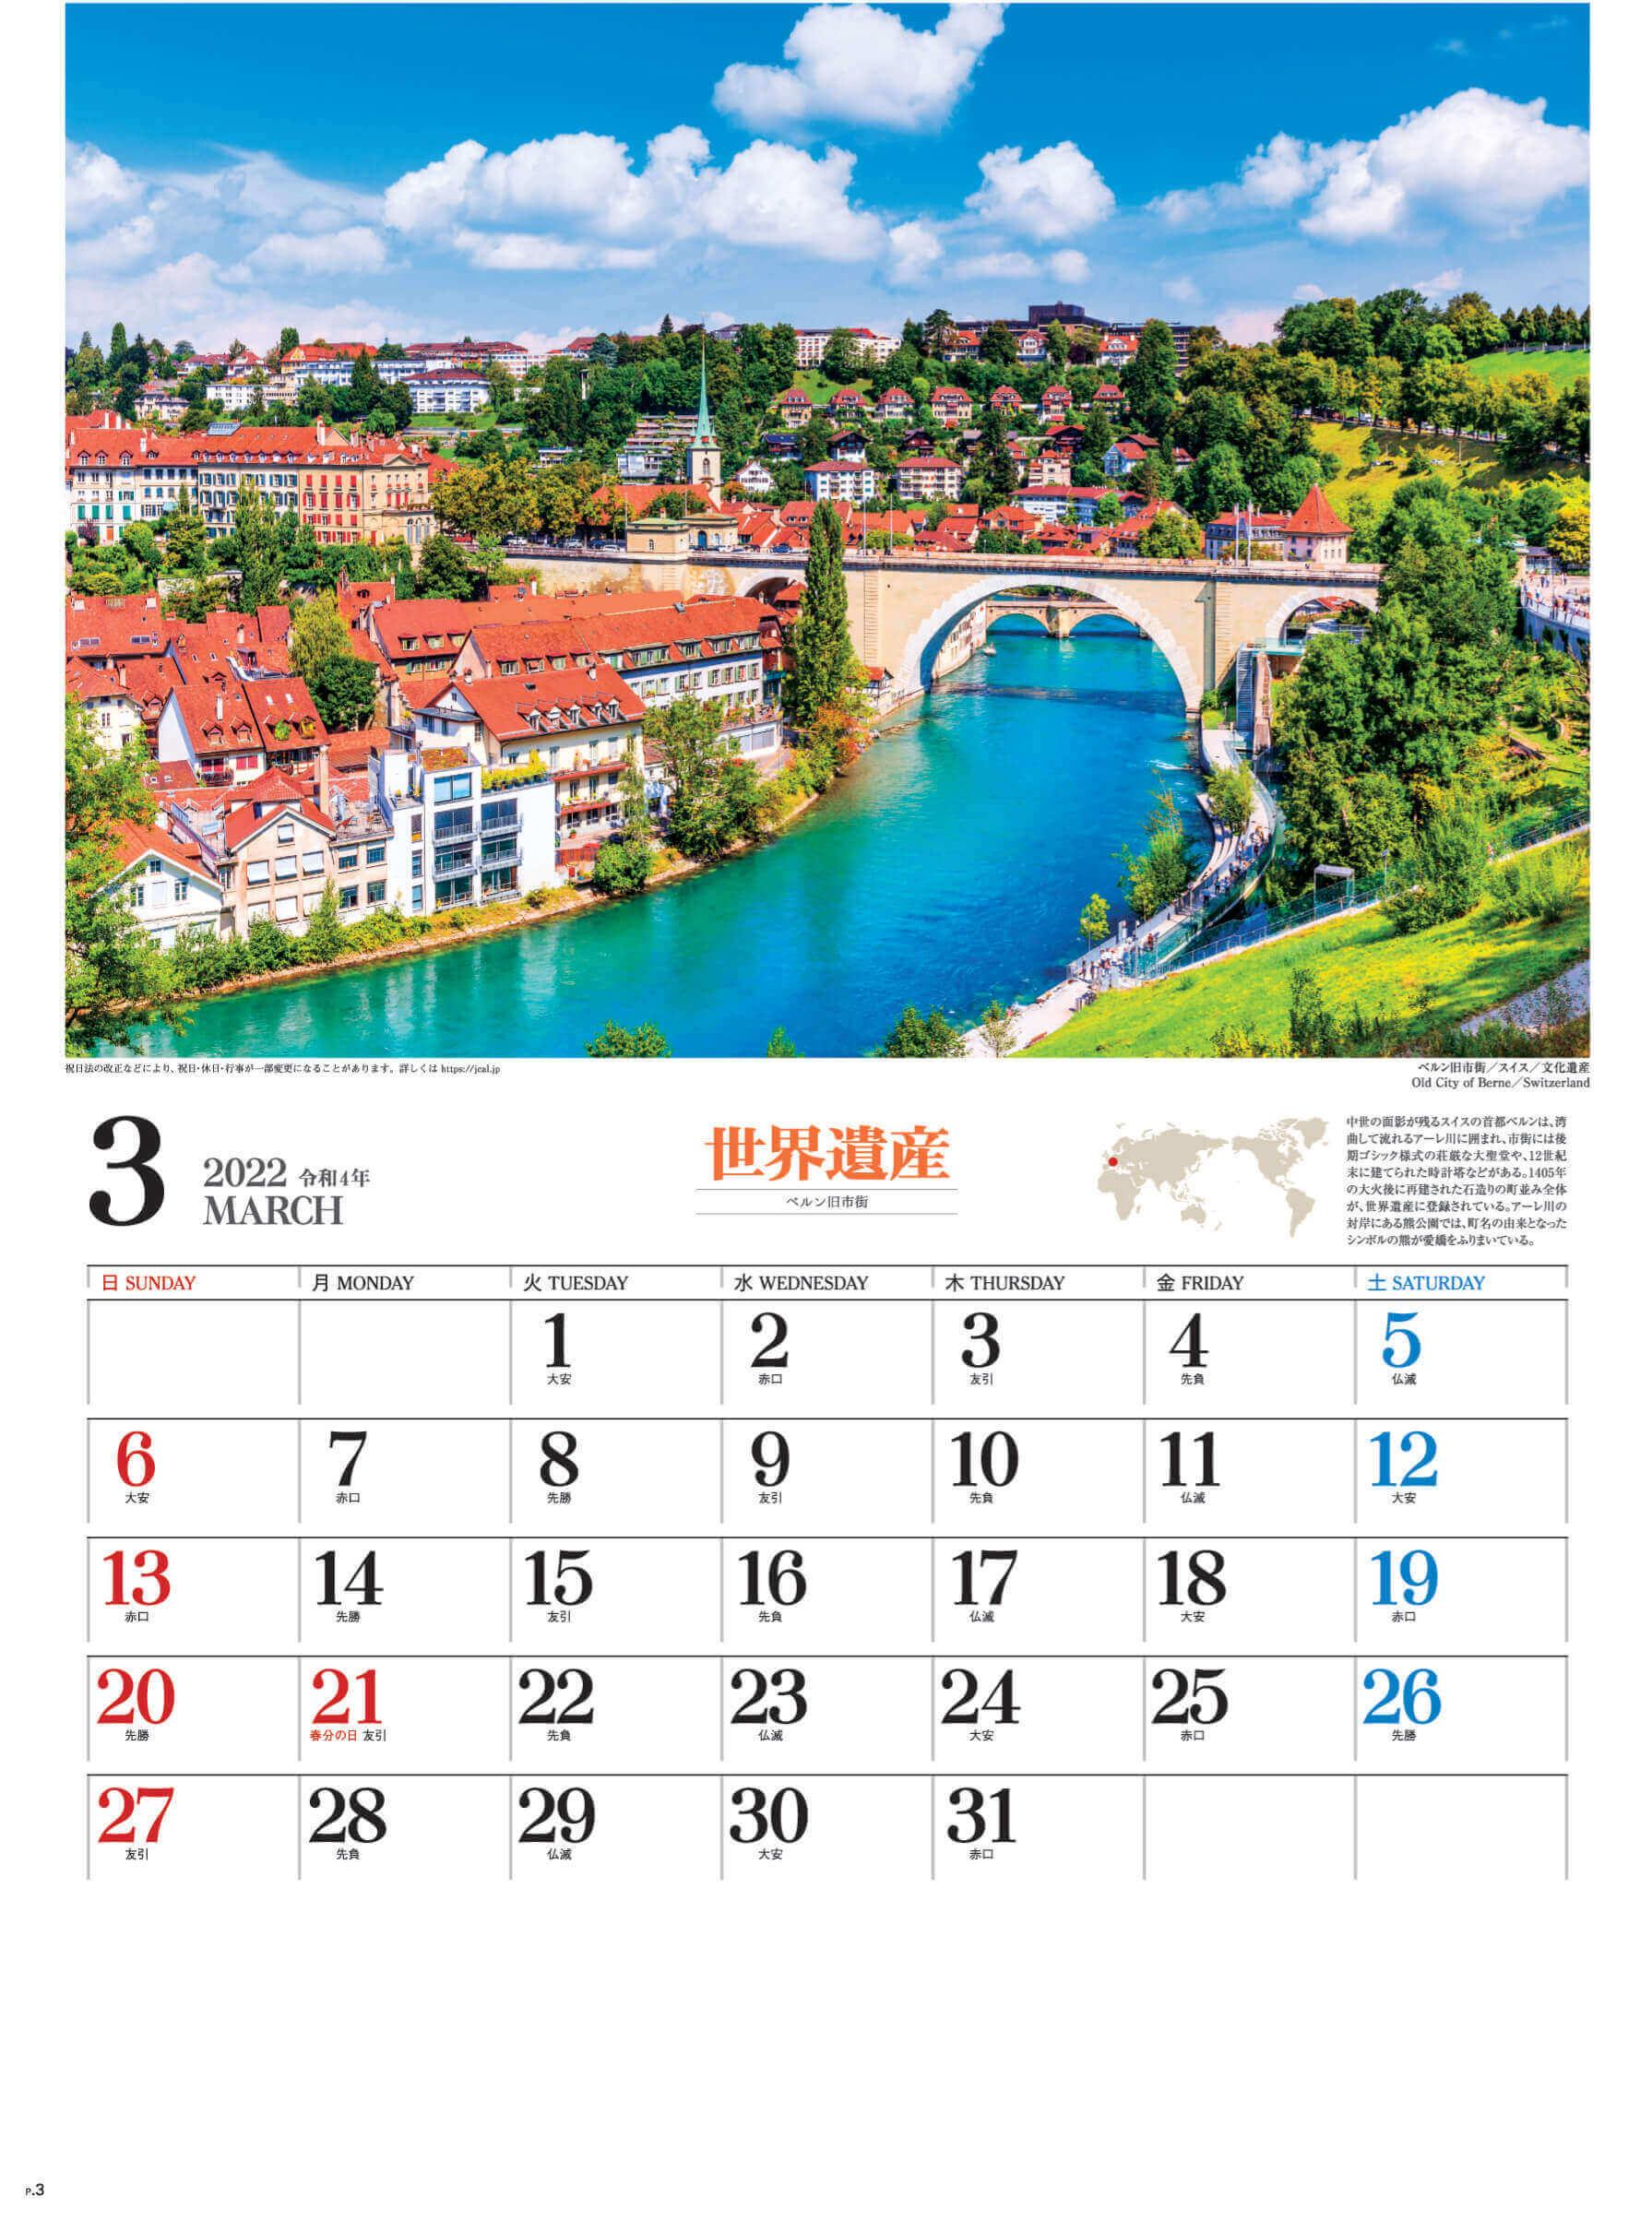 3月ベルン旧市街 スイス ユネスコ世界遺産 2022年カレンダーの画像